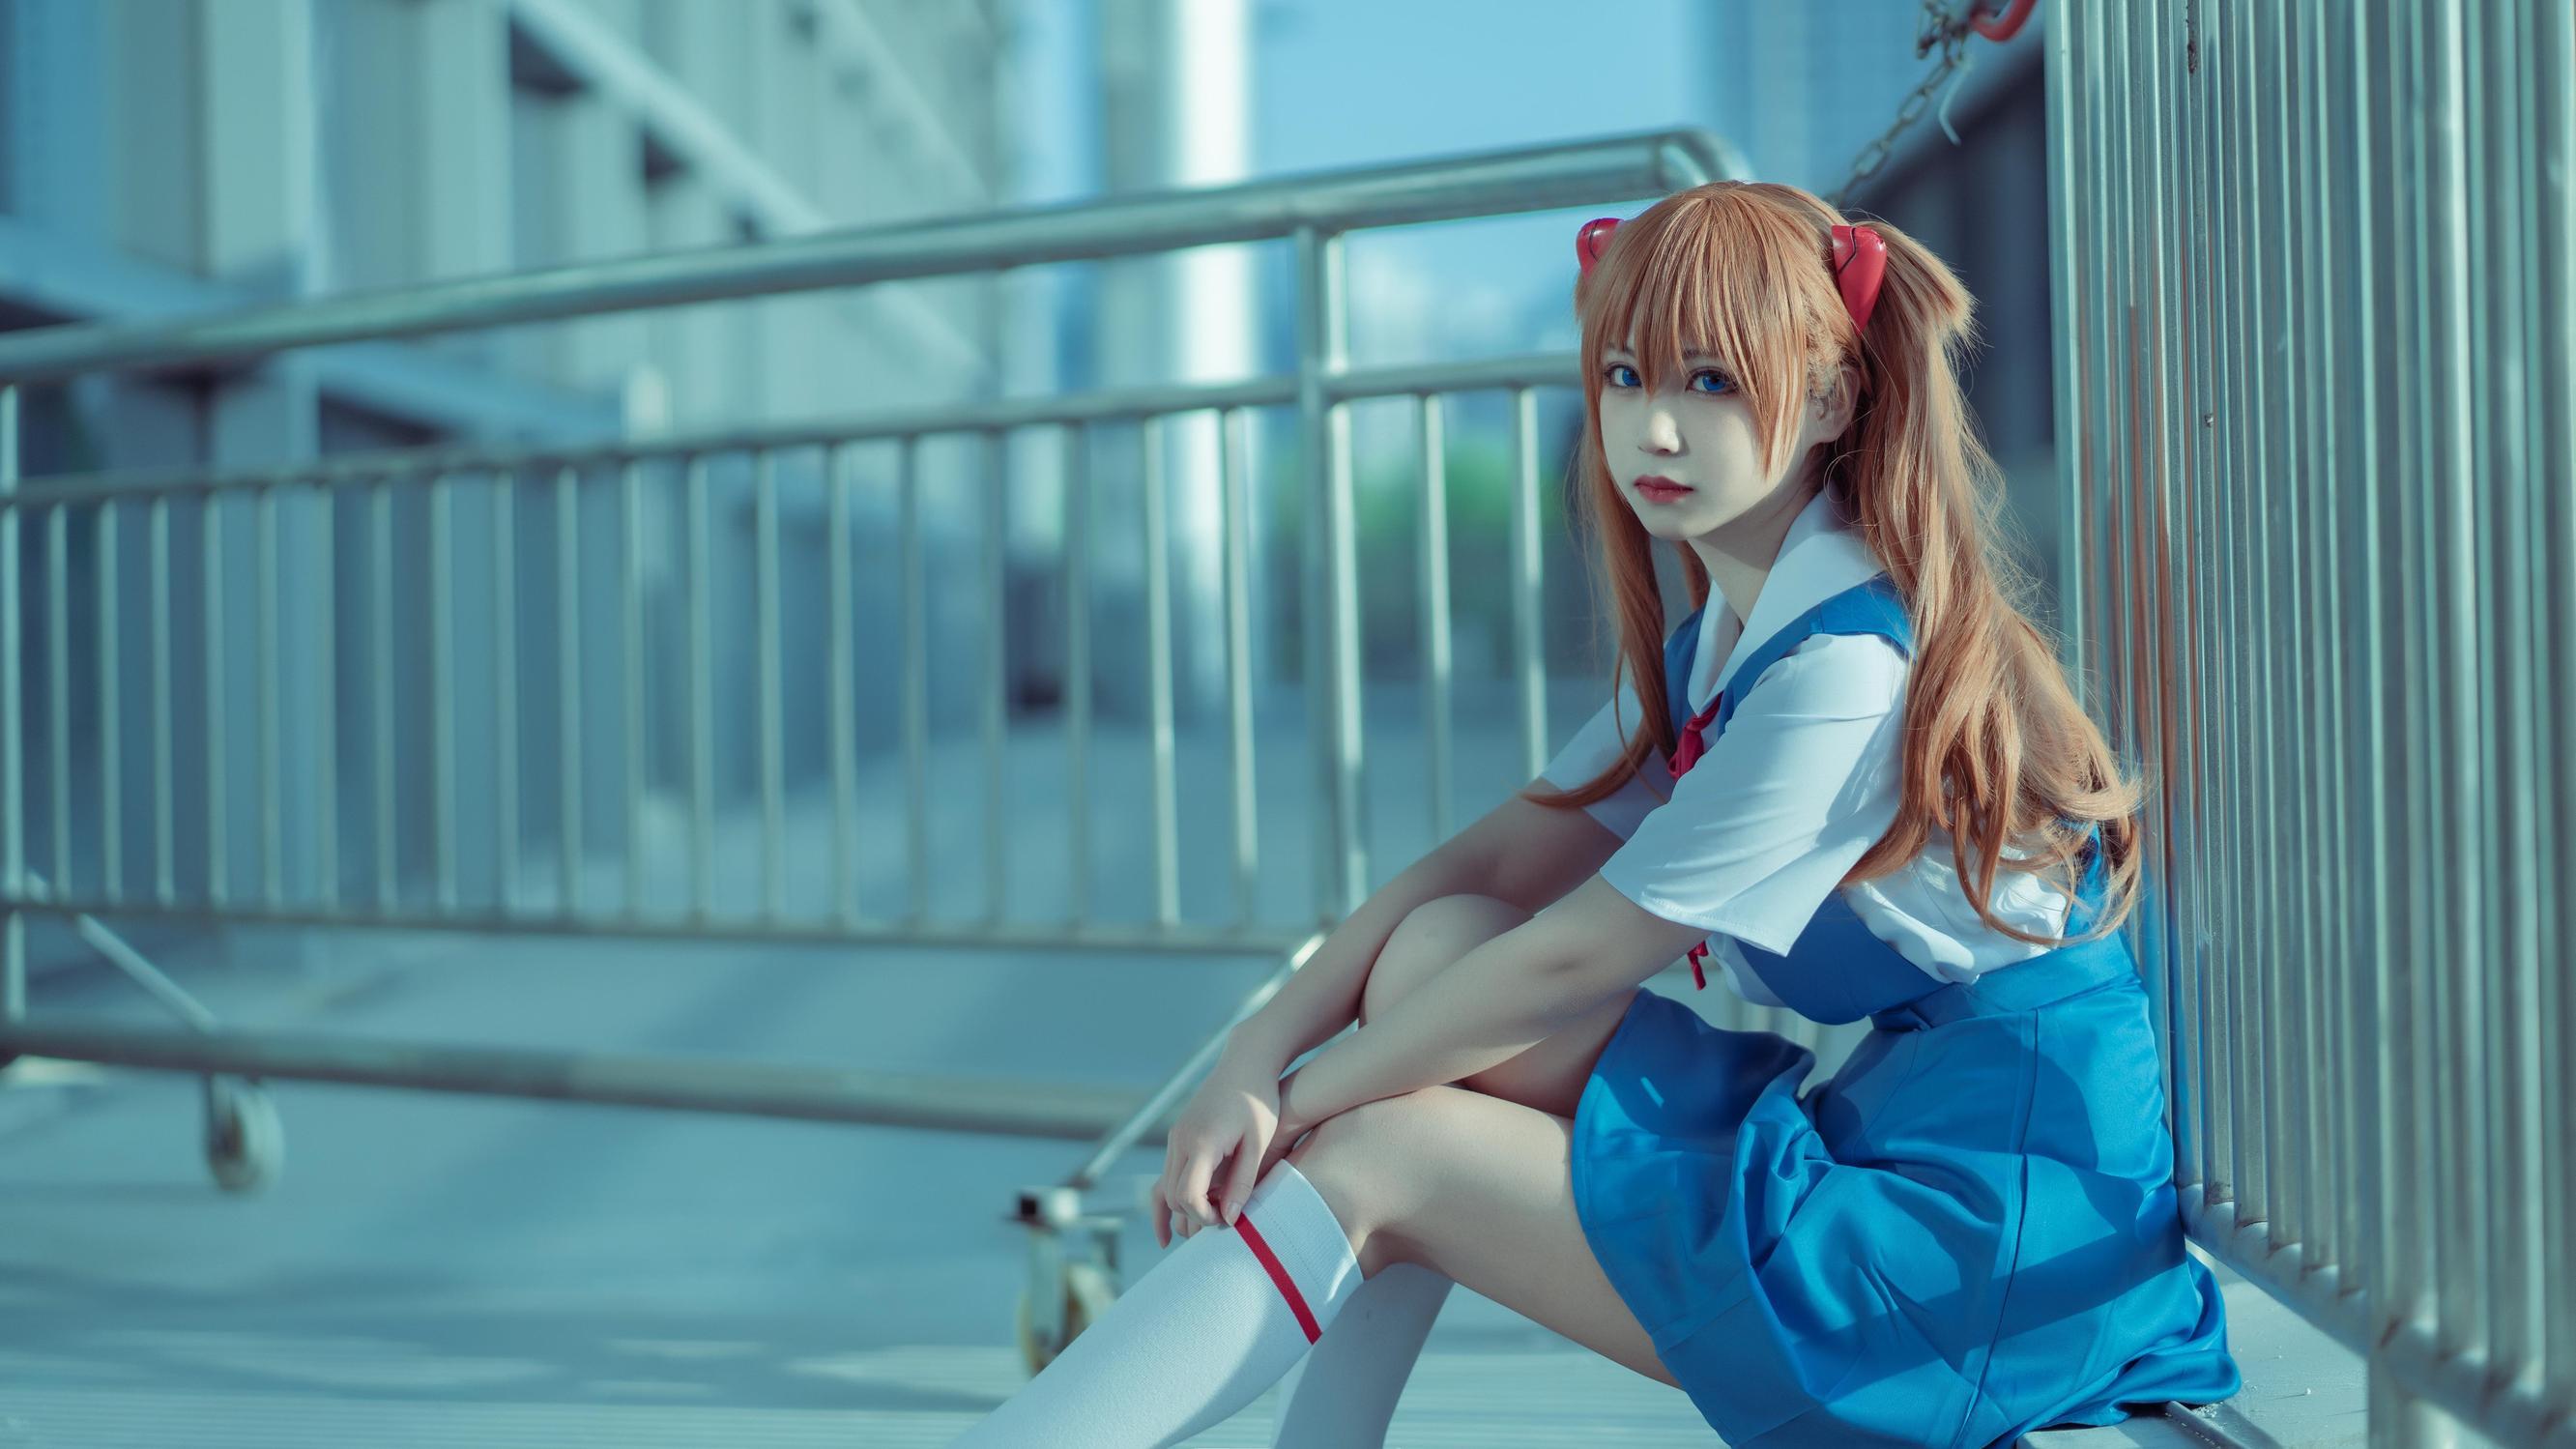 《新世纪福音战士》新世纪福音战士明日香cosplay【CN:念离-今天也是条咸鱼】-第3张